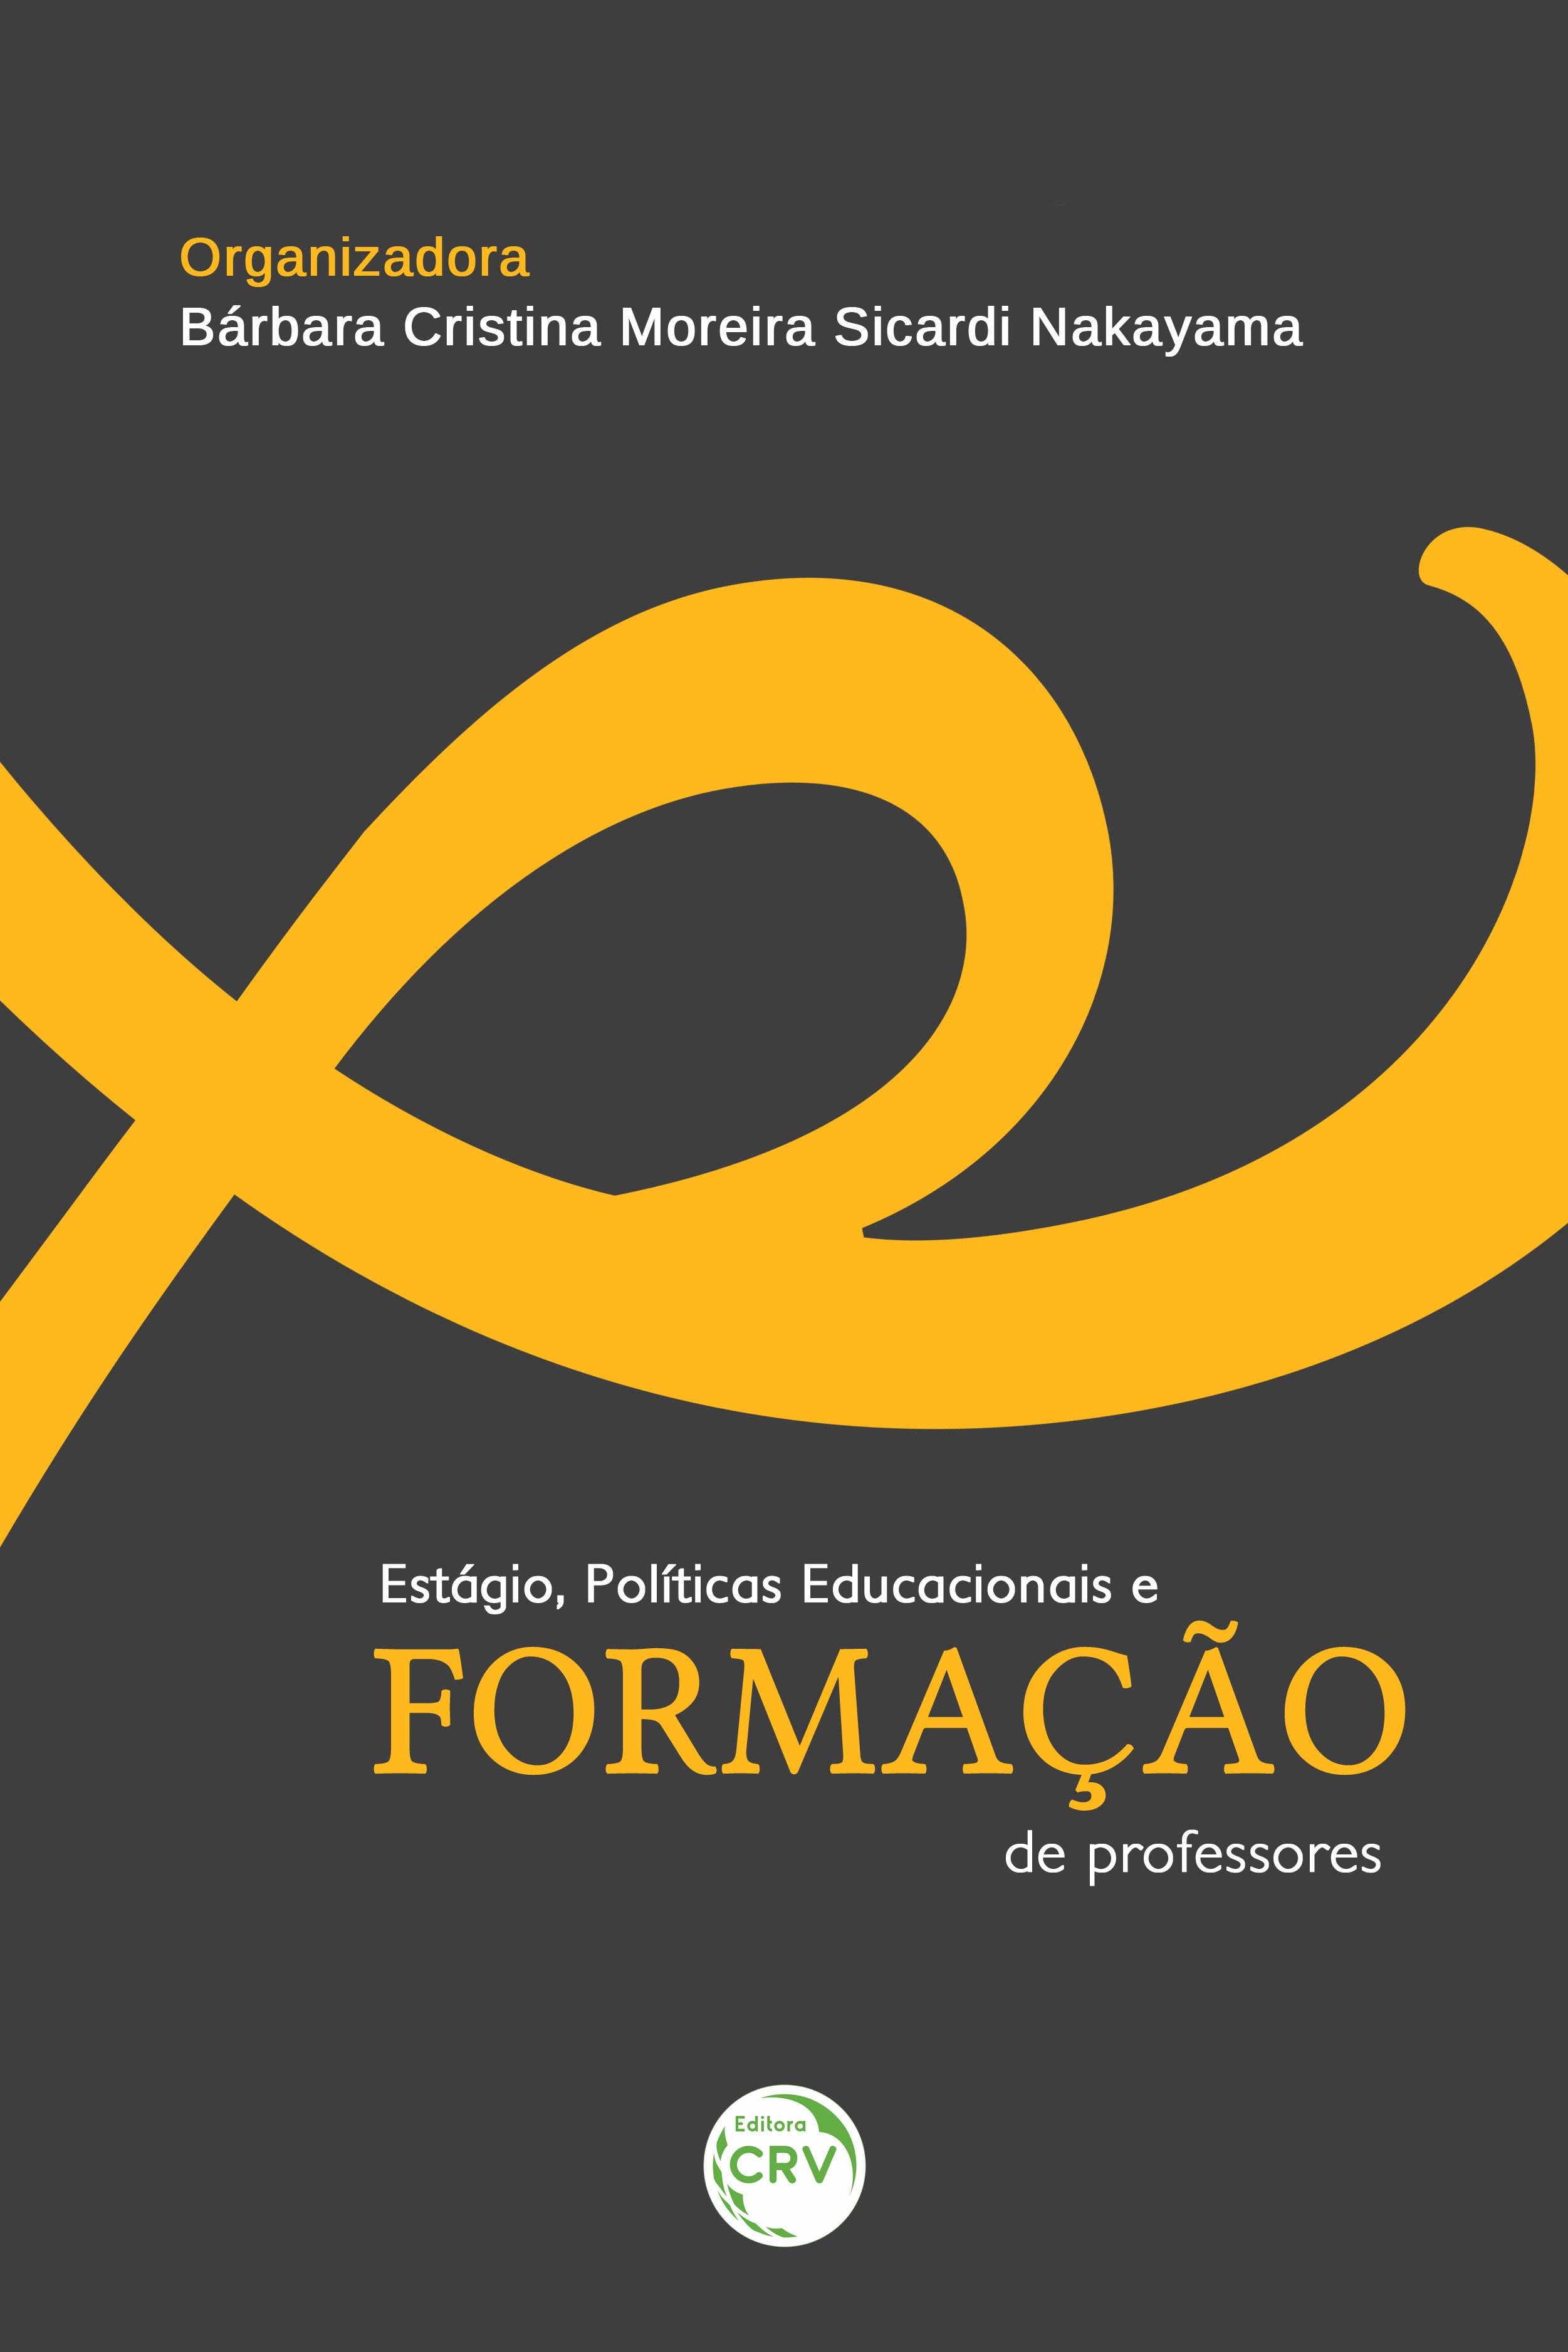 Capa do livro: ESTÁGIO, POLÍTICAS EDUCACIONAIS E FORMAÇÃO DE PROFESSORES